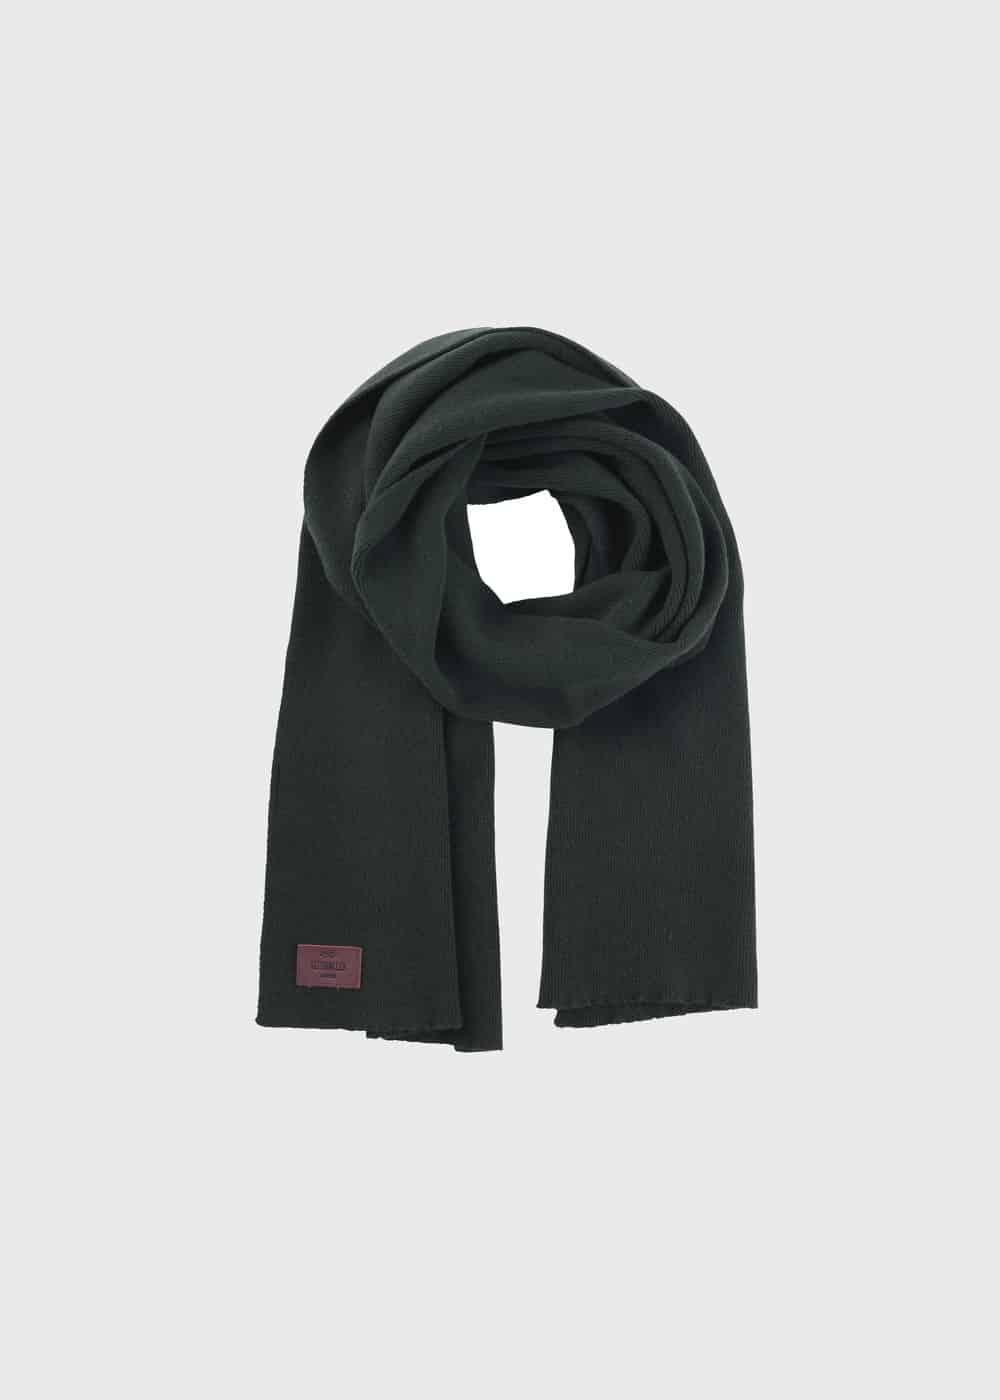 klitmoller scarf olive